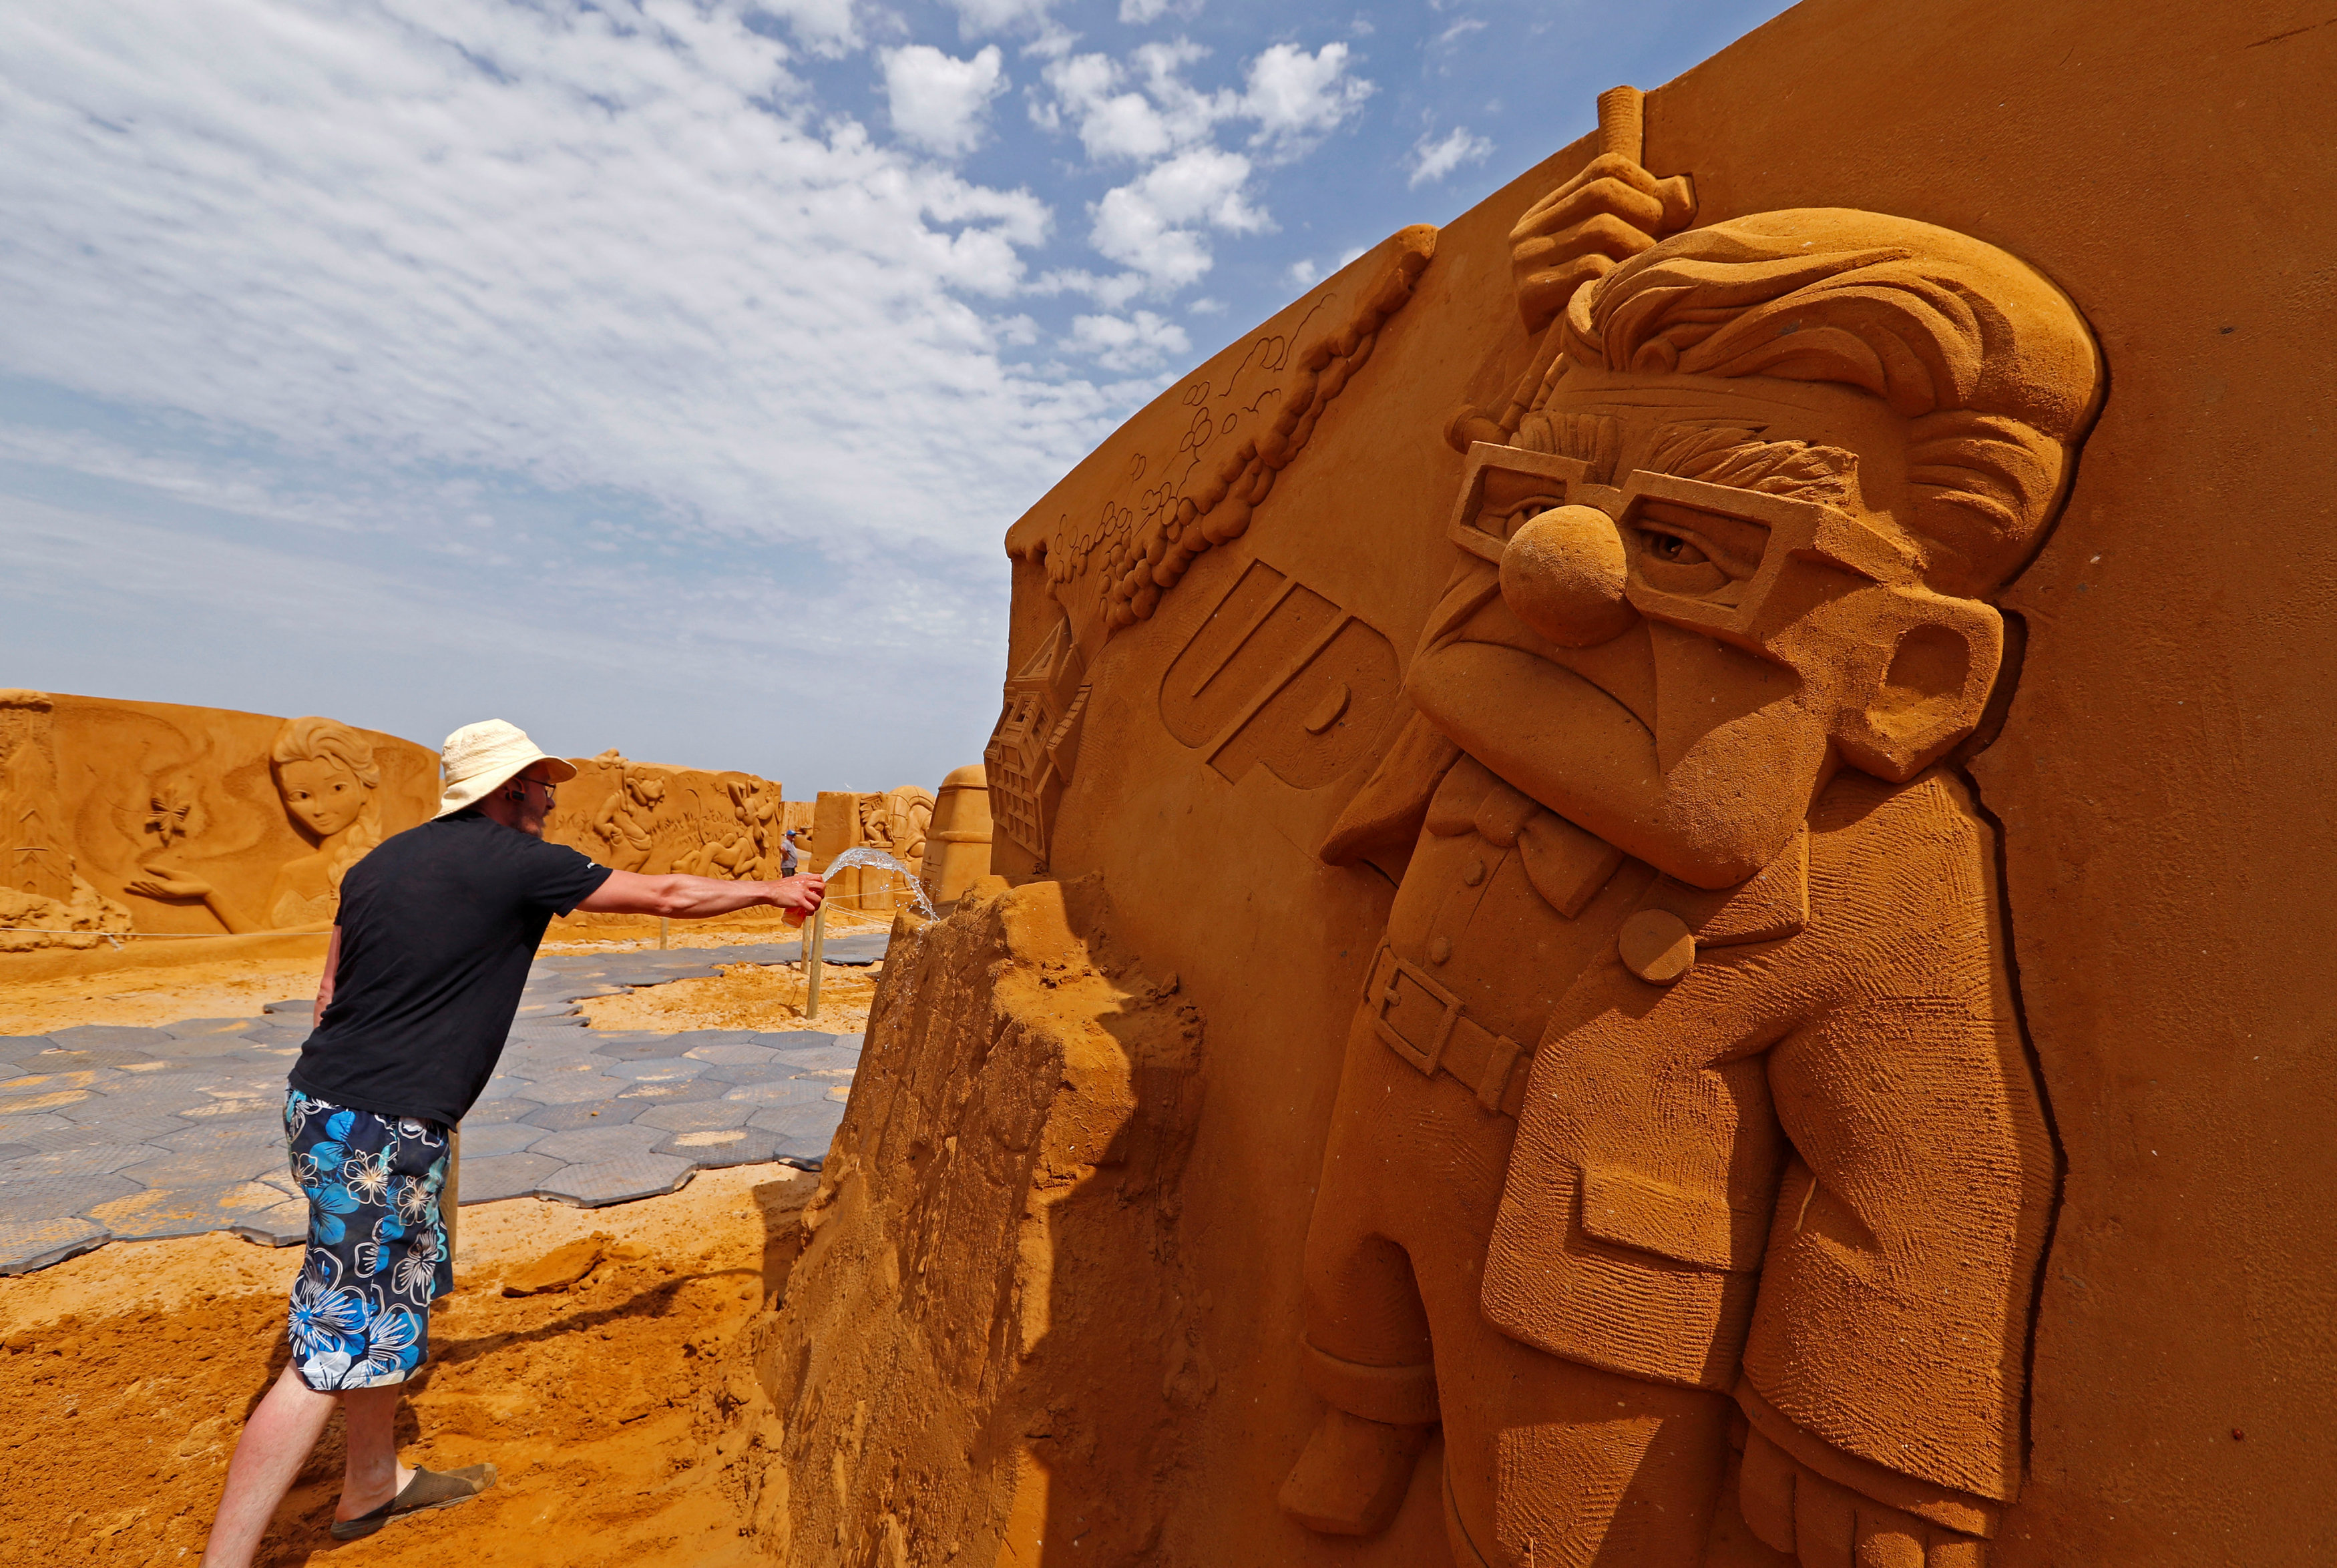 نحات يقوم بنحت تمثال رملى